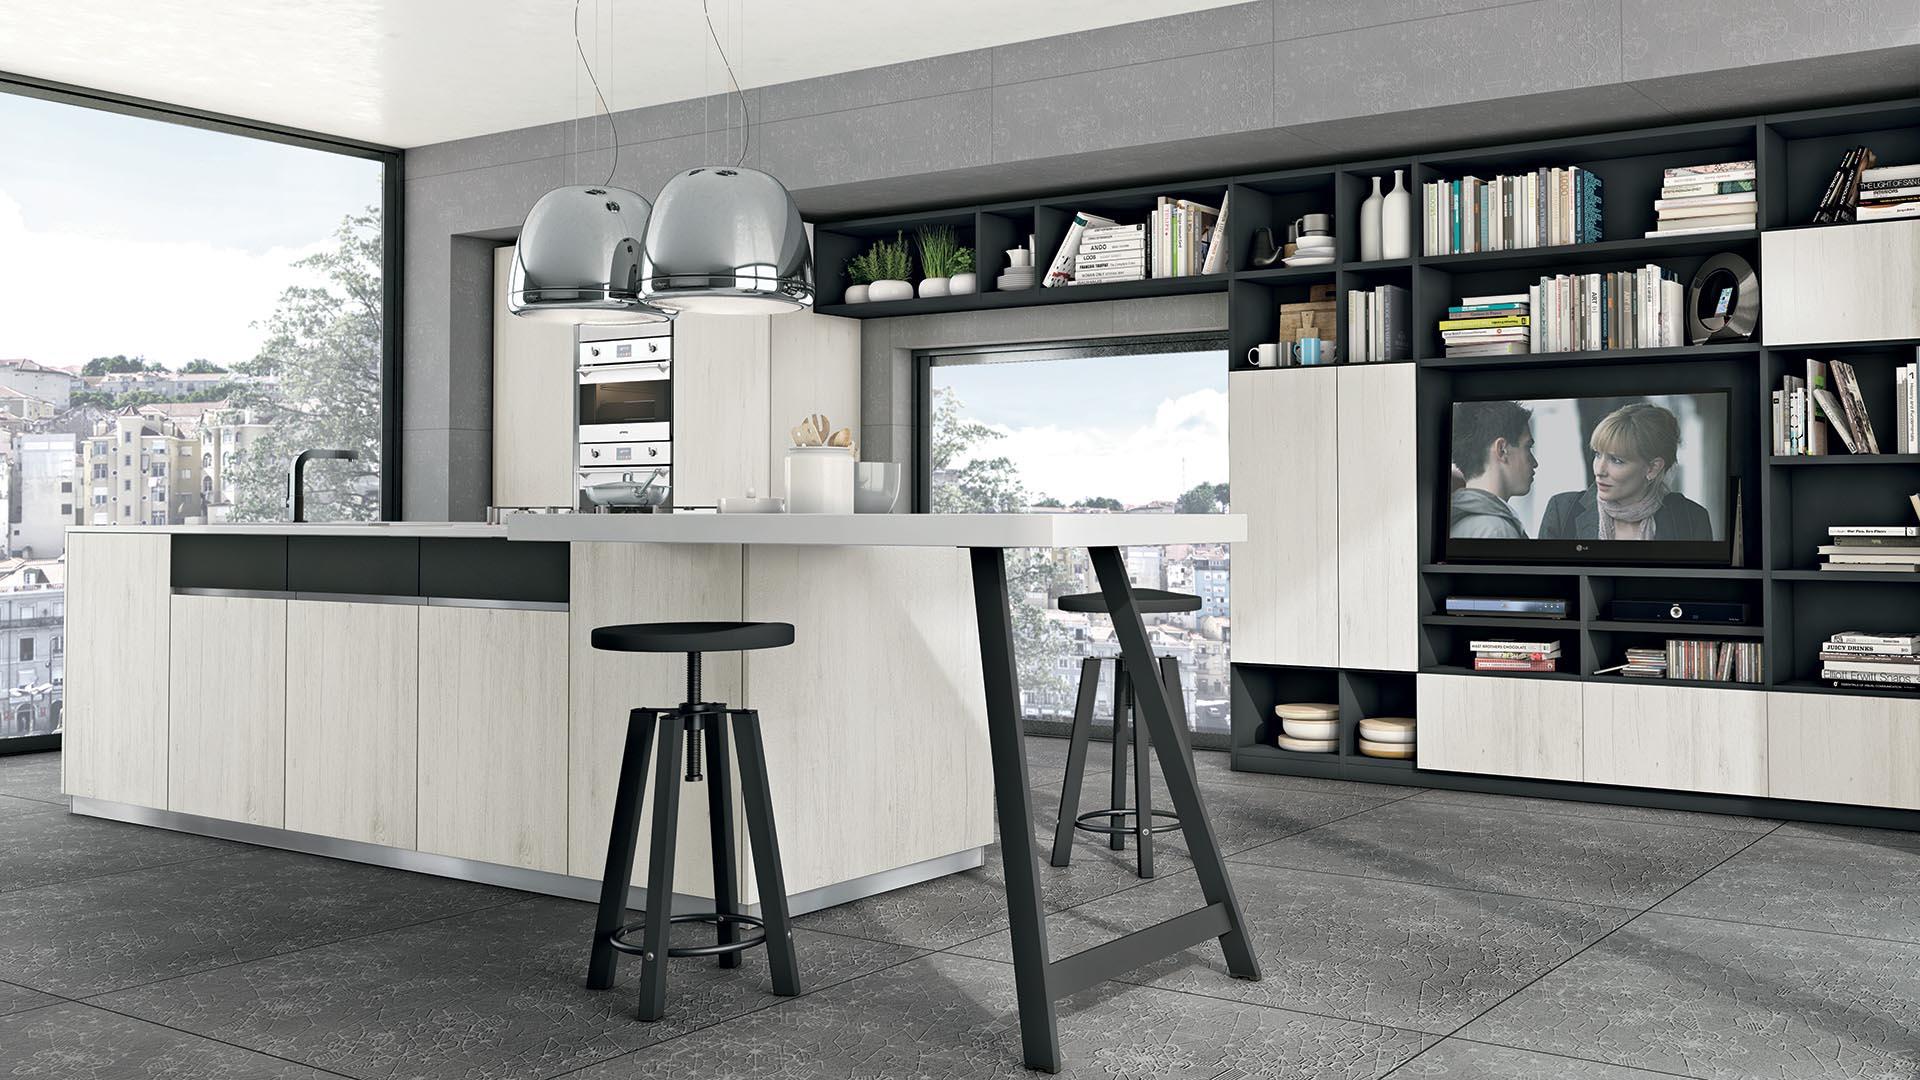 Cucine Lube Modell Immagina Plus. Weiße Küche furniert mit Wohnzimmerelementen.